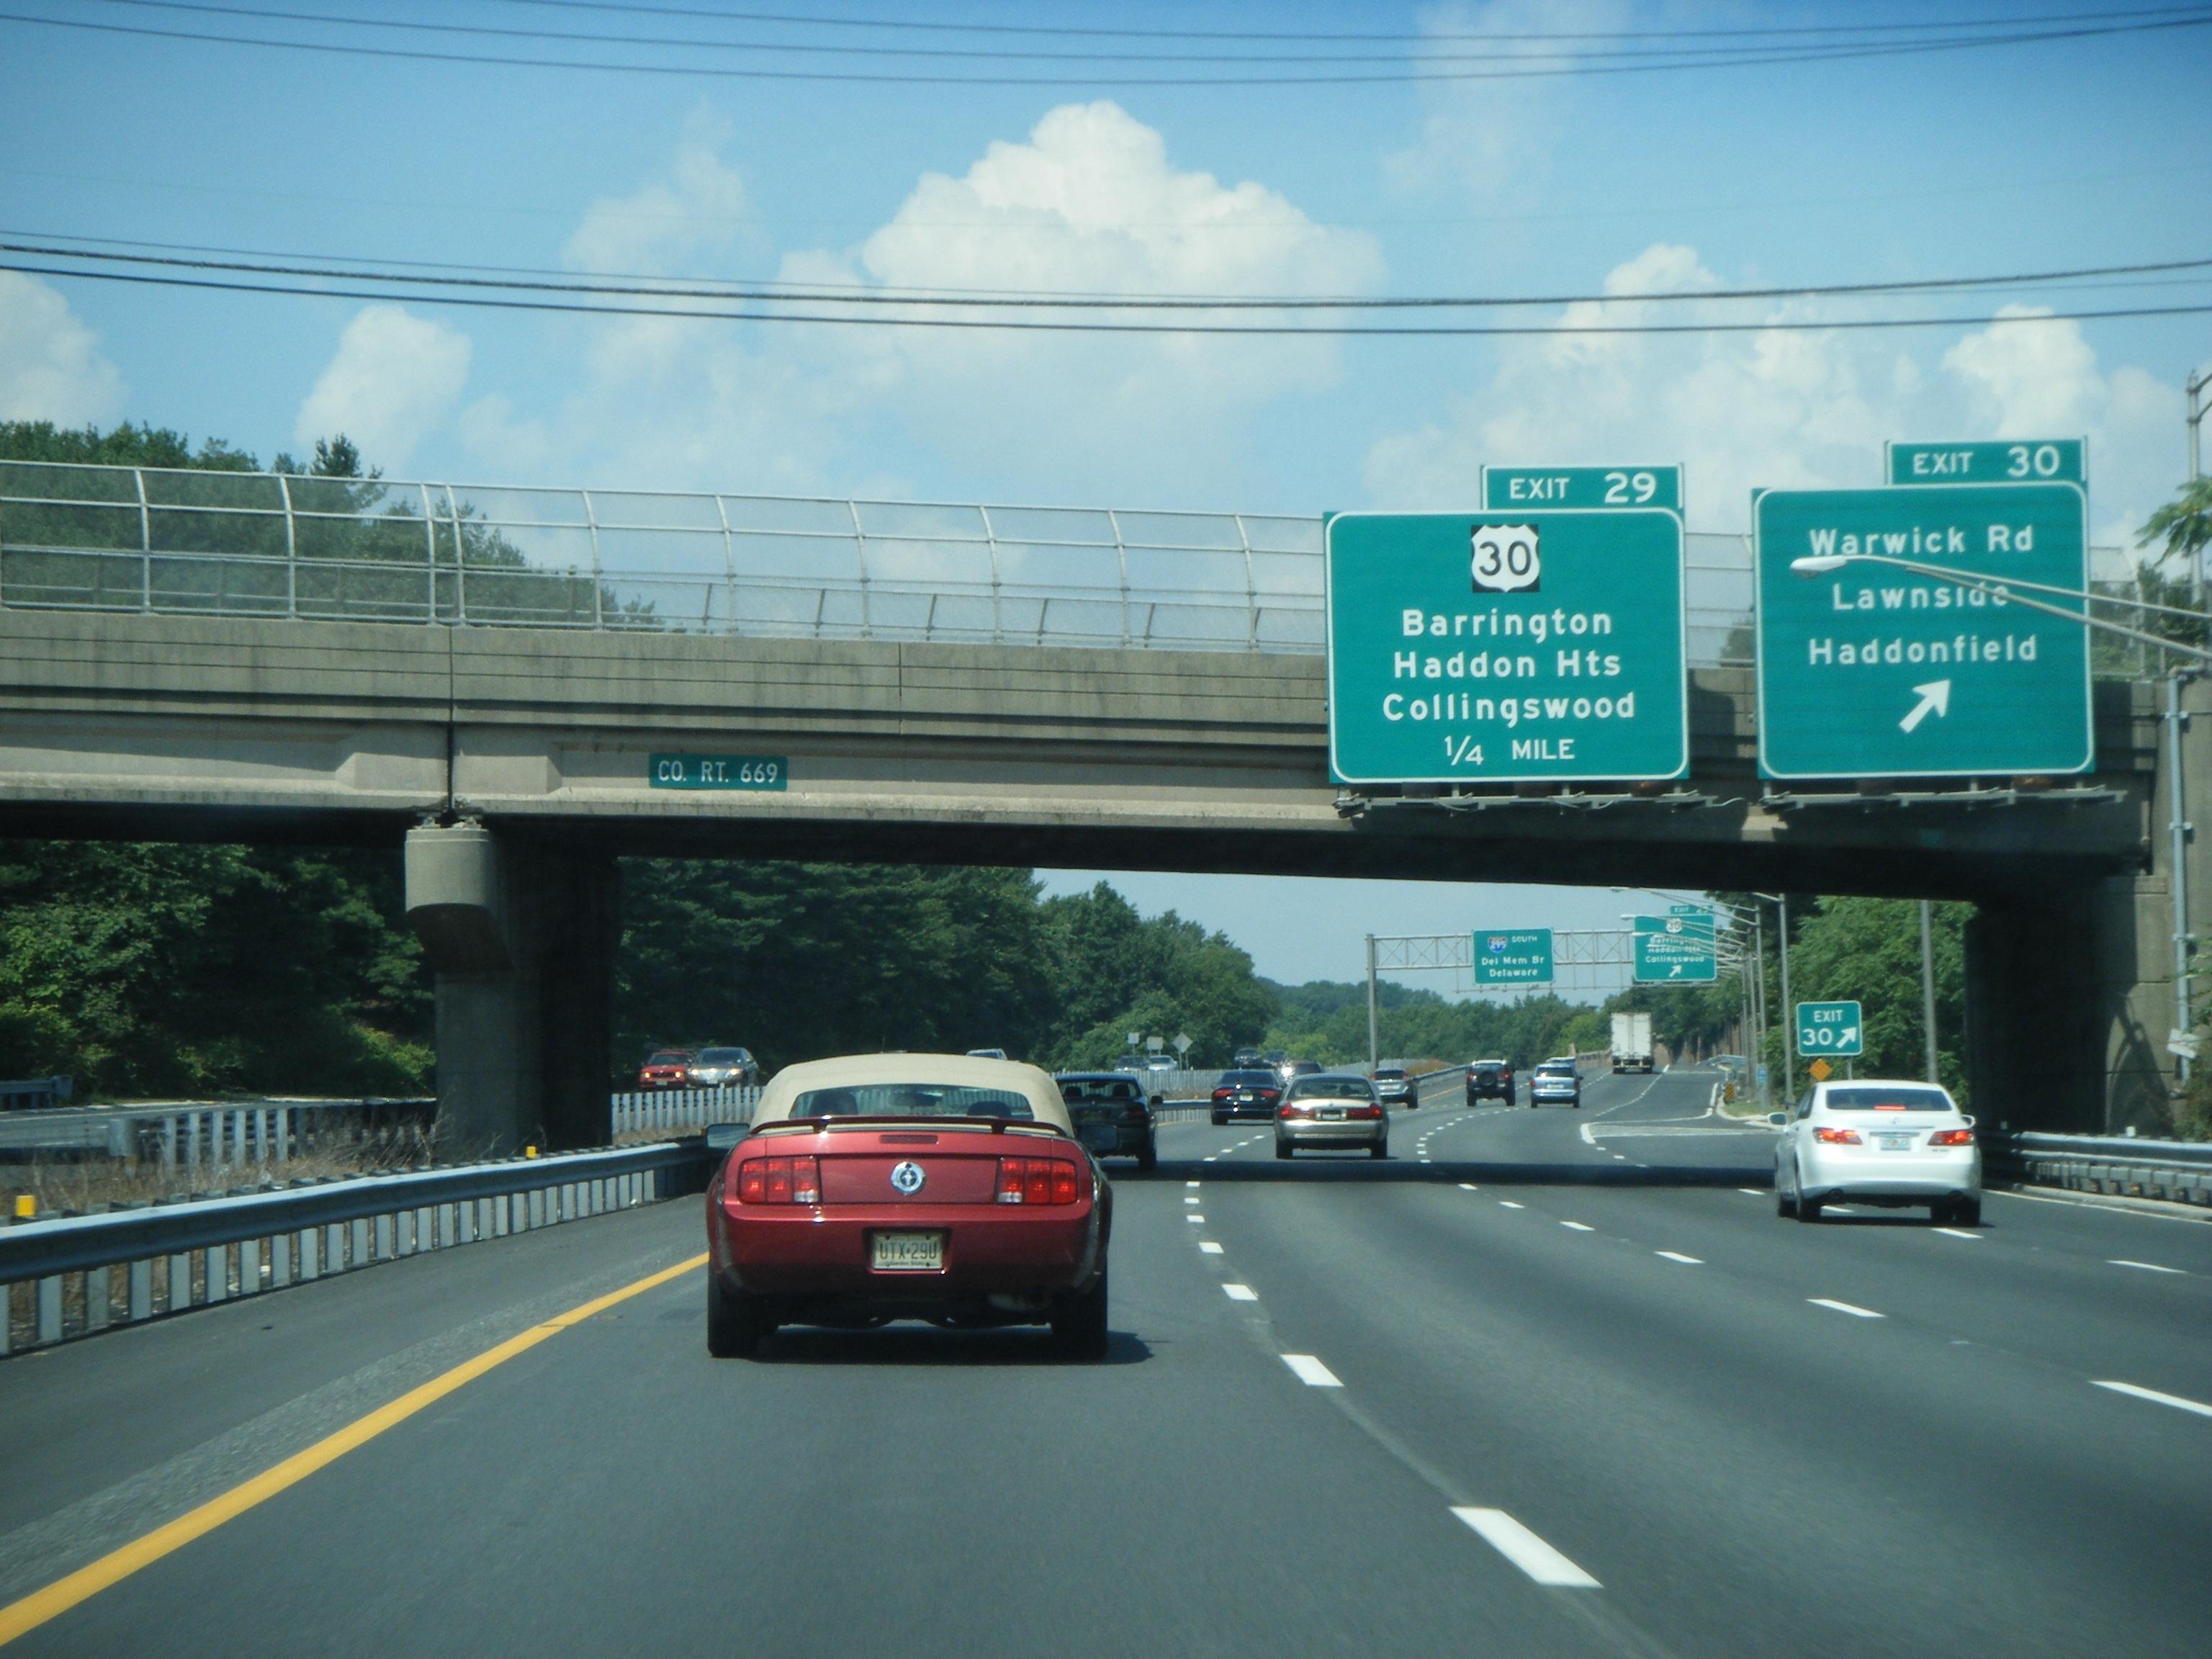 File:I-295 NJ SB at Warwick Road exit.jpg